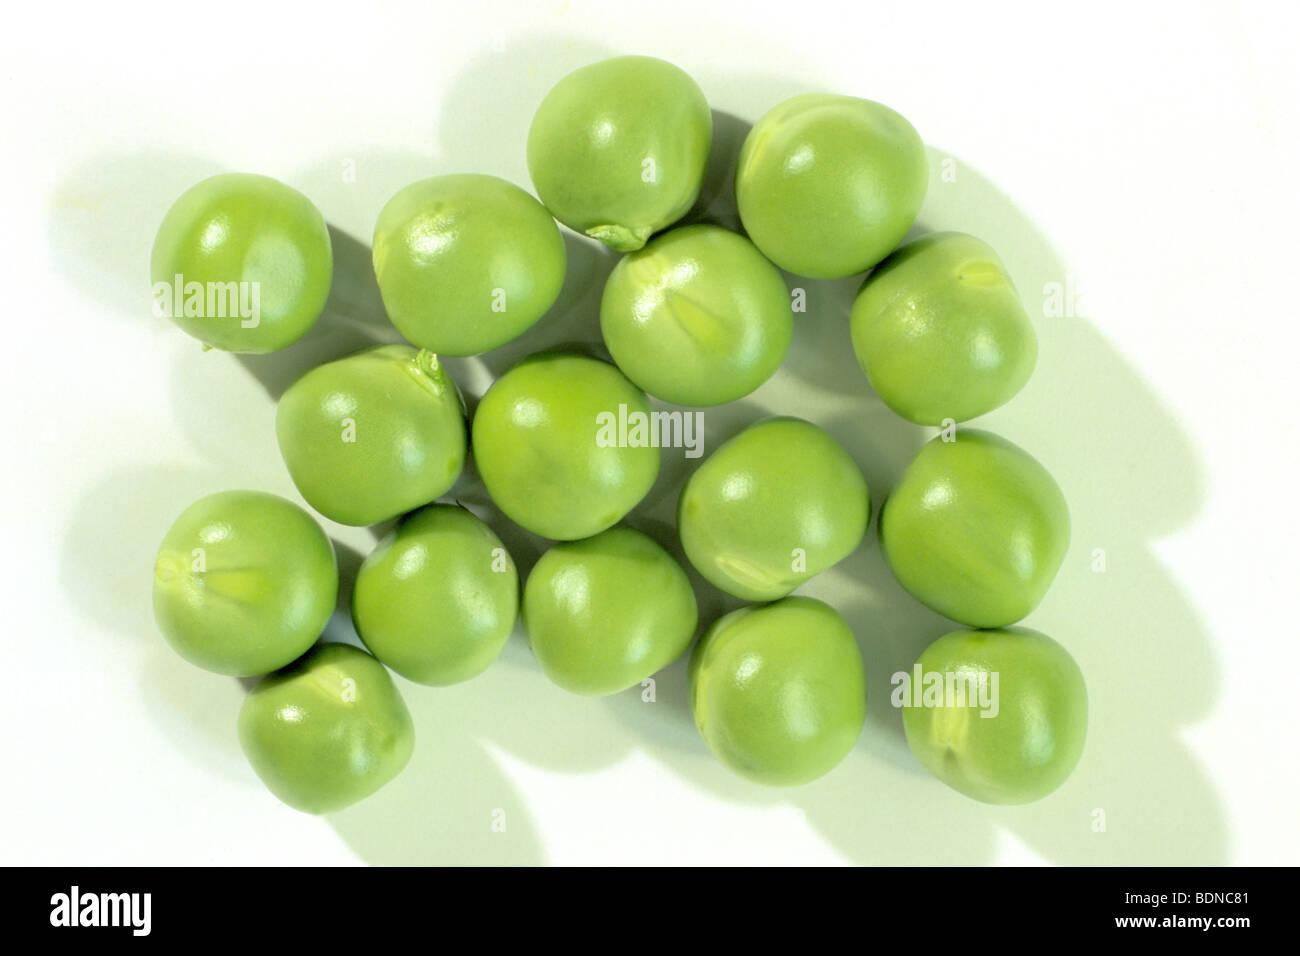 Marvelous Garden Pea, Pea (Pisum Sativum), Peas, Studio Picture.   Stock